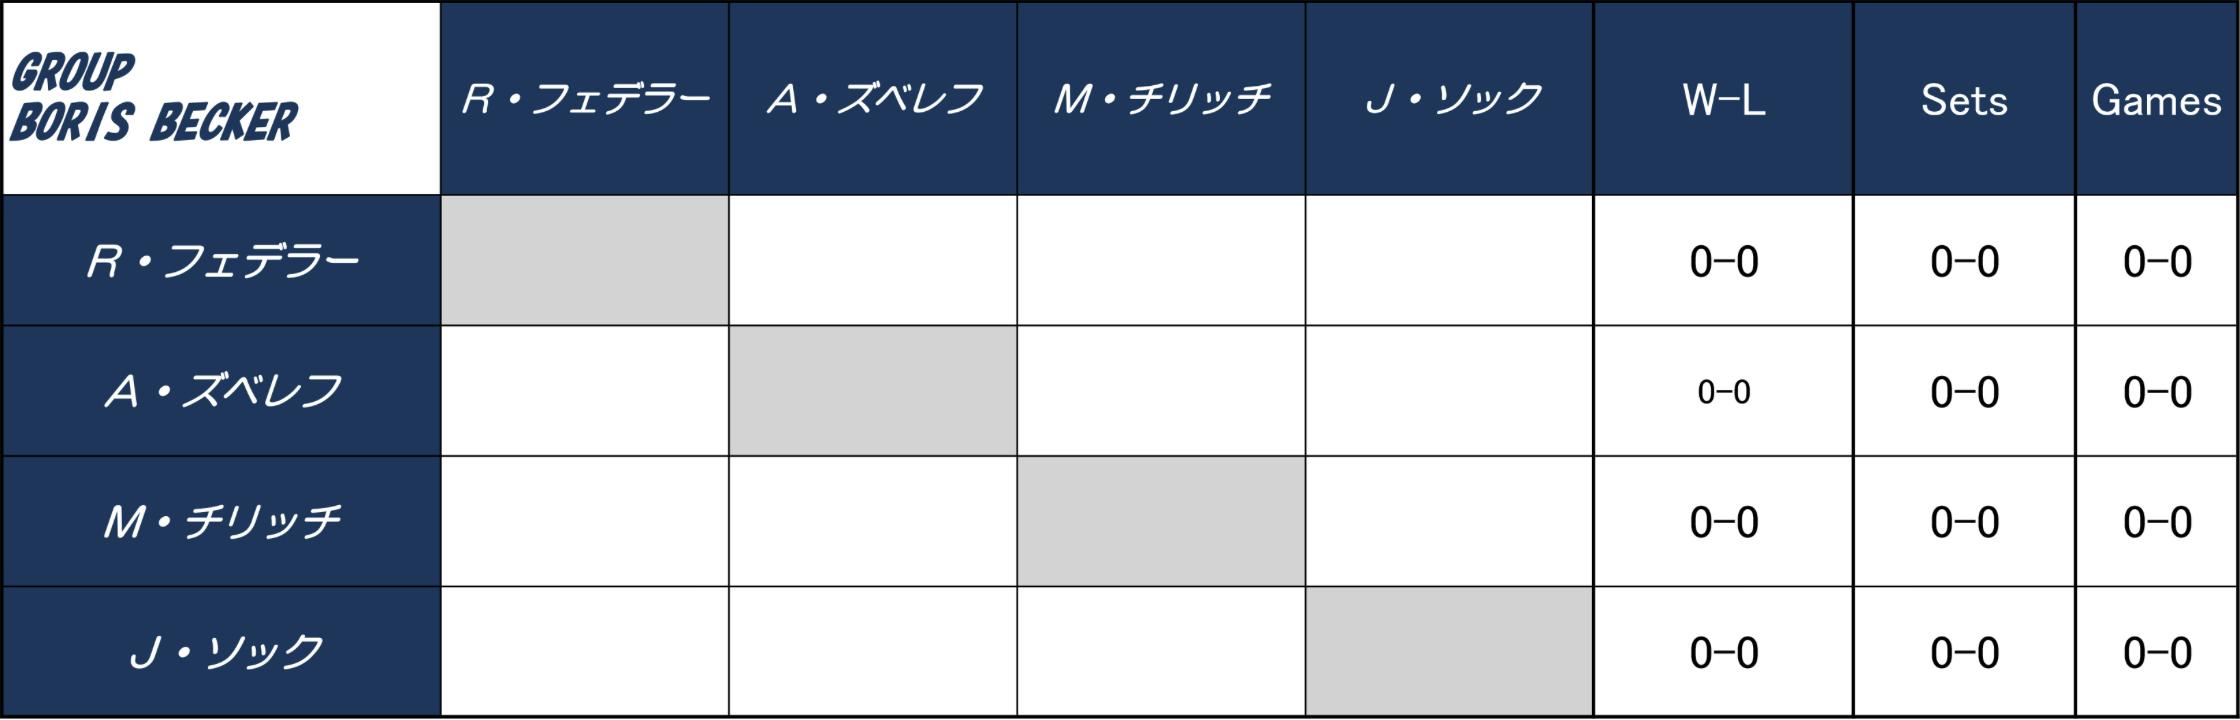 BS朝日 - ATPワールドツアーファイナルズ